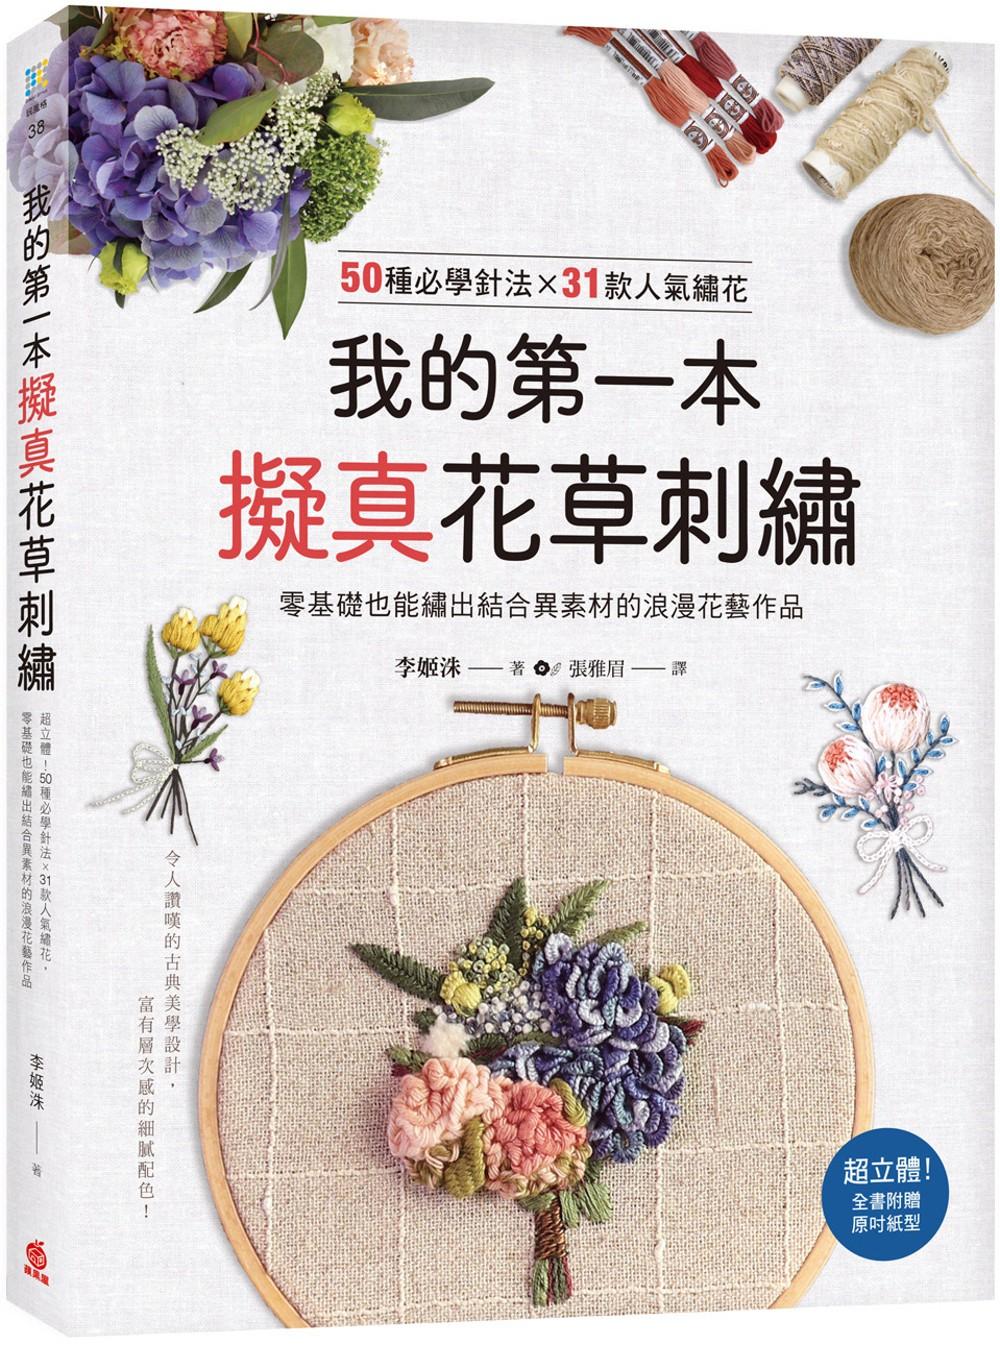 我的第一本擬真花草刺繡:超立體!50種必學針法×31款人氣繡花,零基礎也能繡出結合異素材的浪漫花藝作品